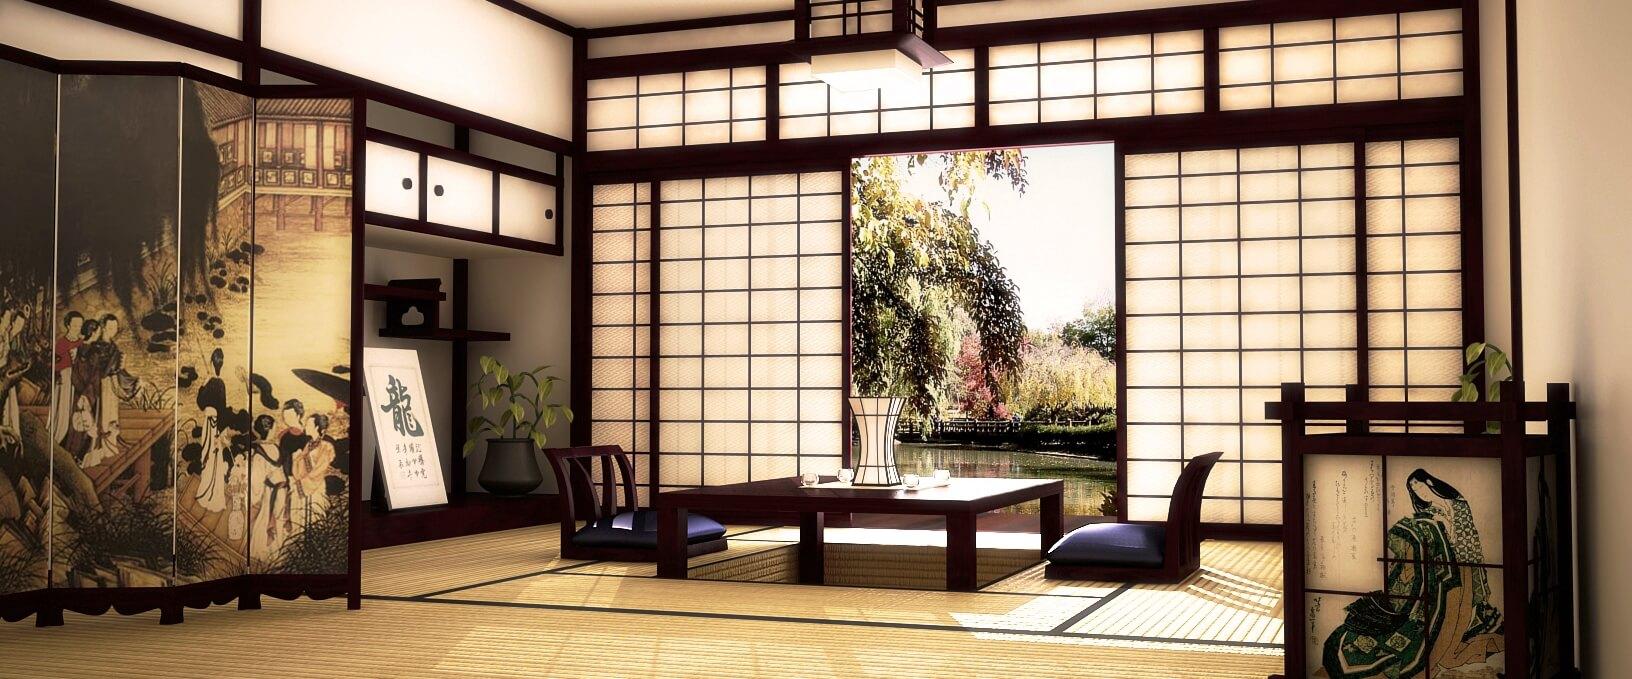 Особенности японской стилистики